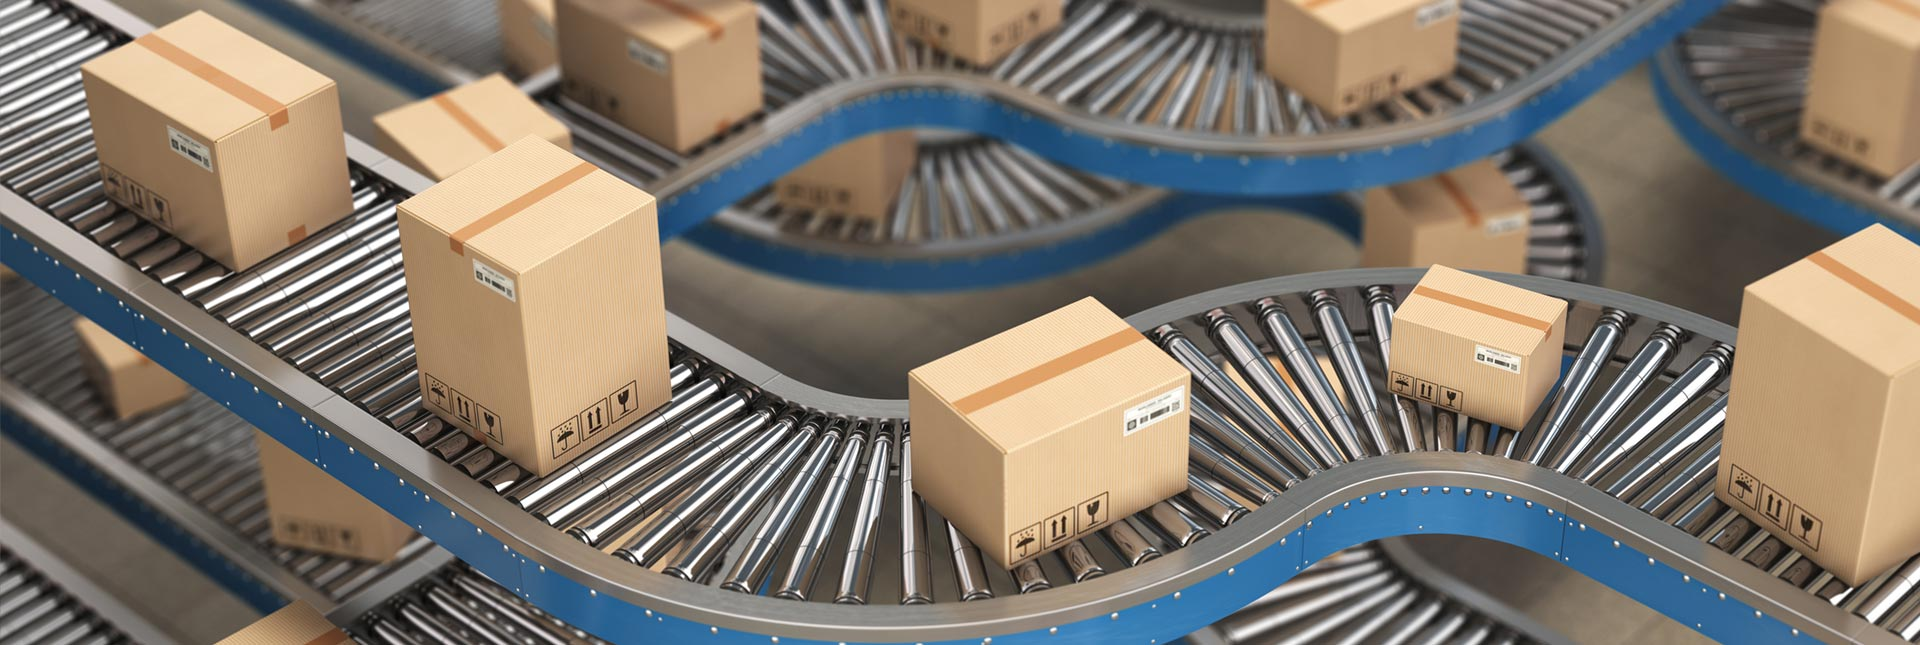 Consumentenverpakkingen